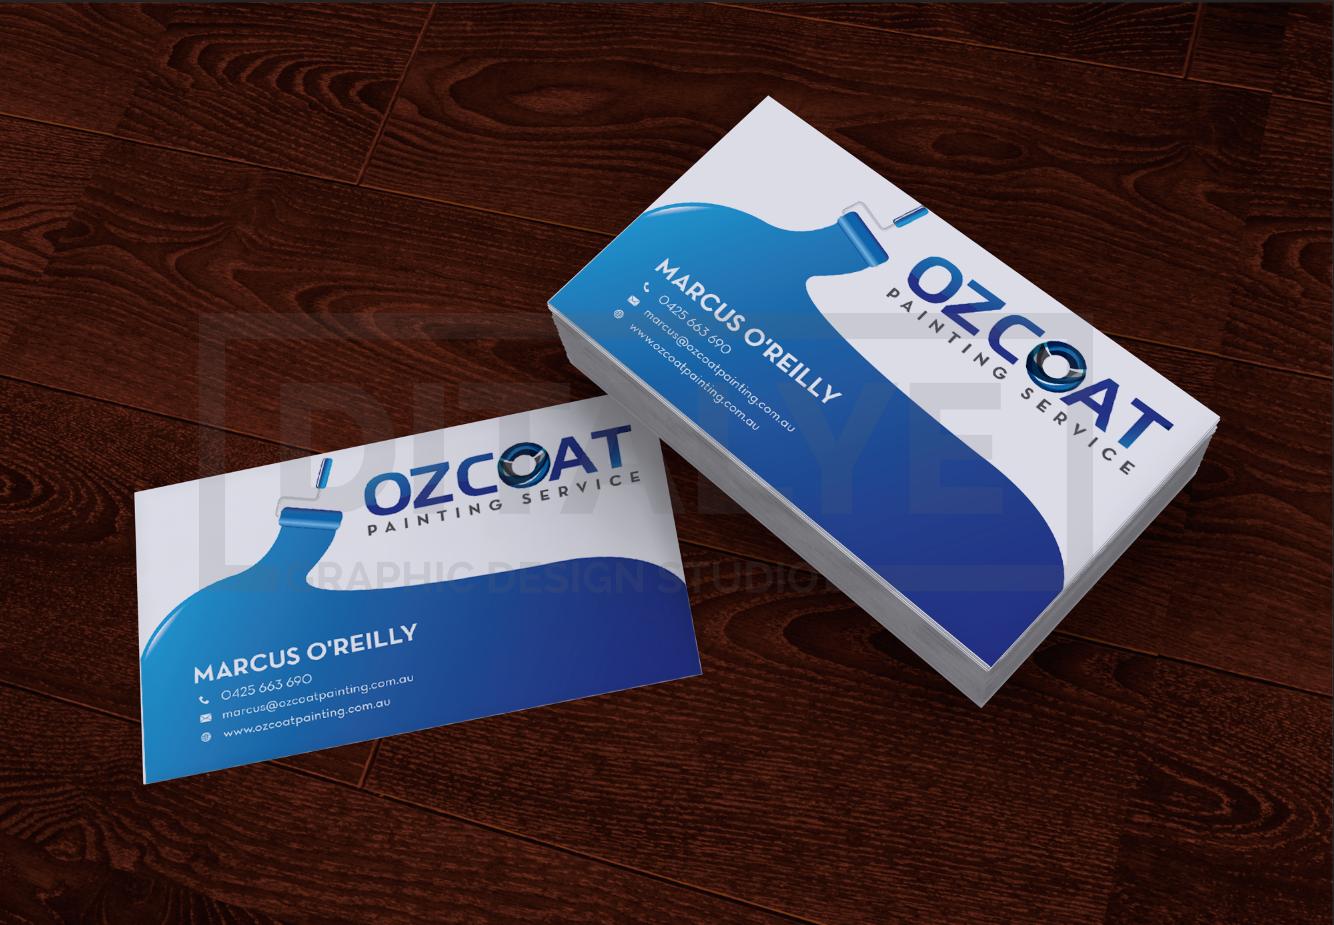 Graphic Design Portfolio - BUSINESS CARD DESIGN